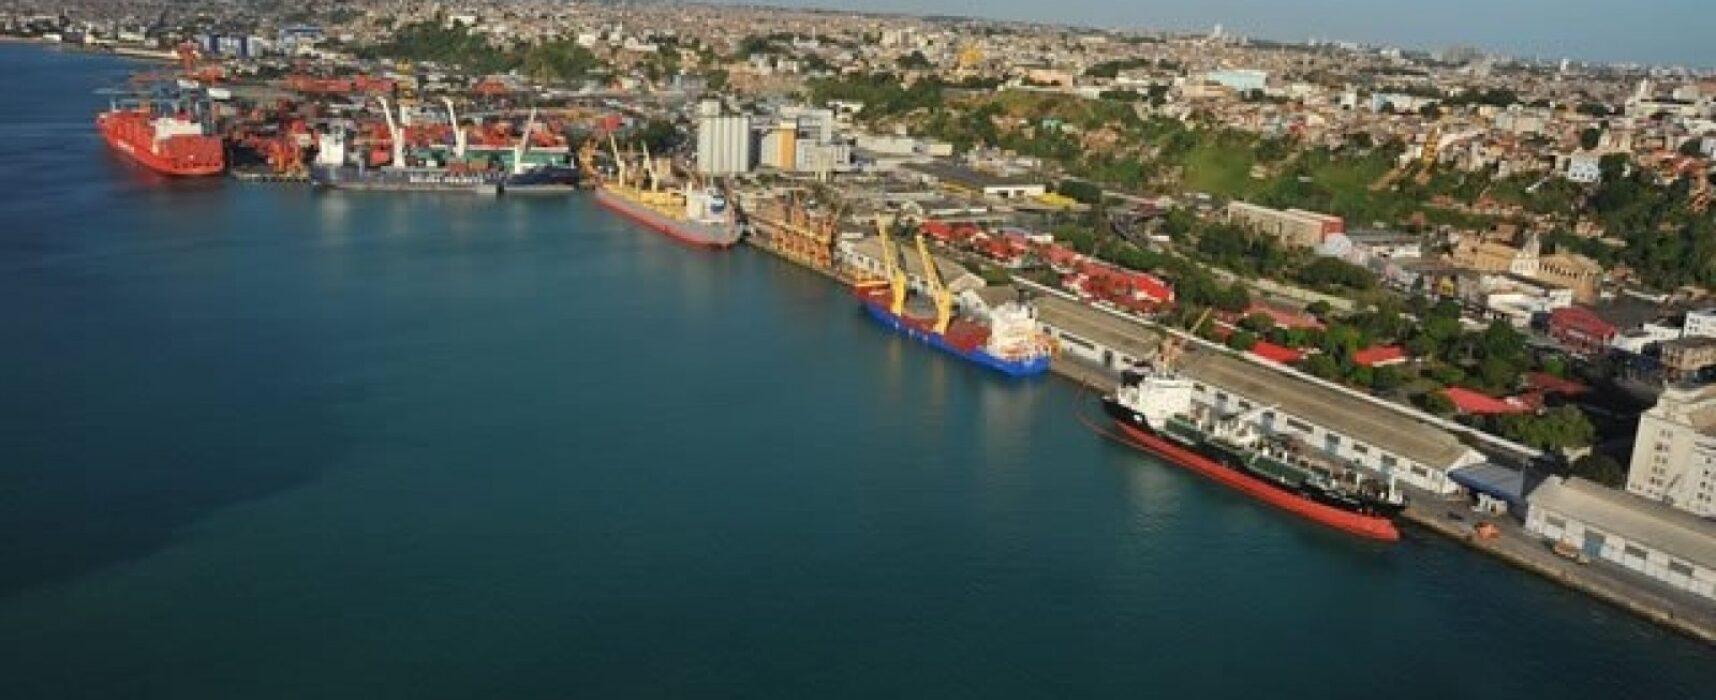 Em leilão de portos, Intermarítima leva terminal em Salvador